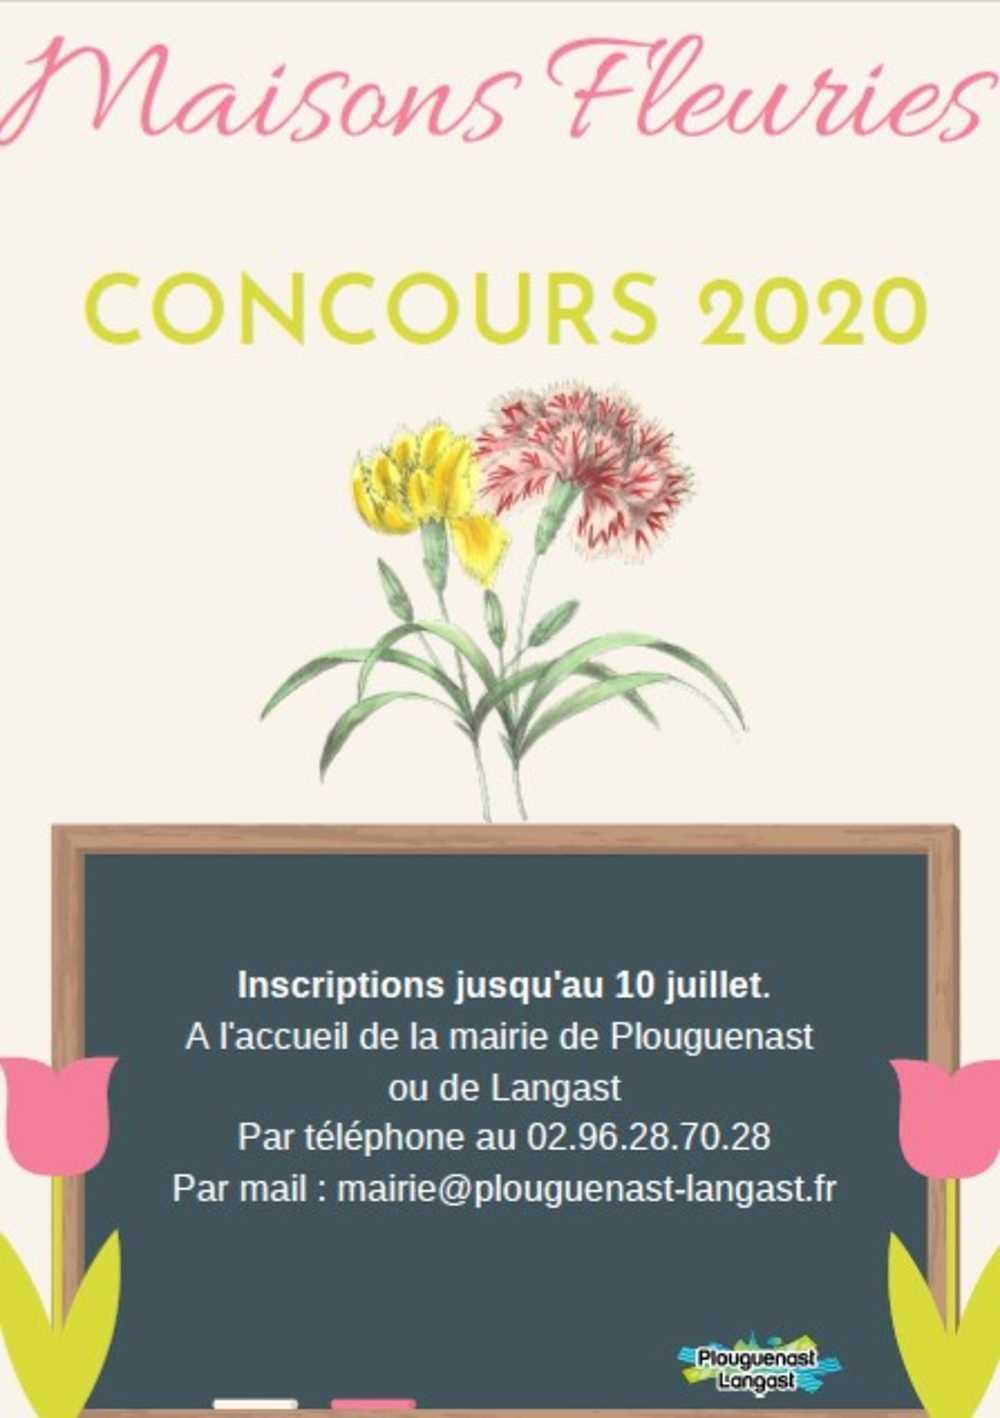 Palmarès : Maisons fleuries 2020 image1